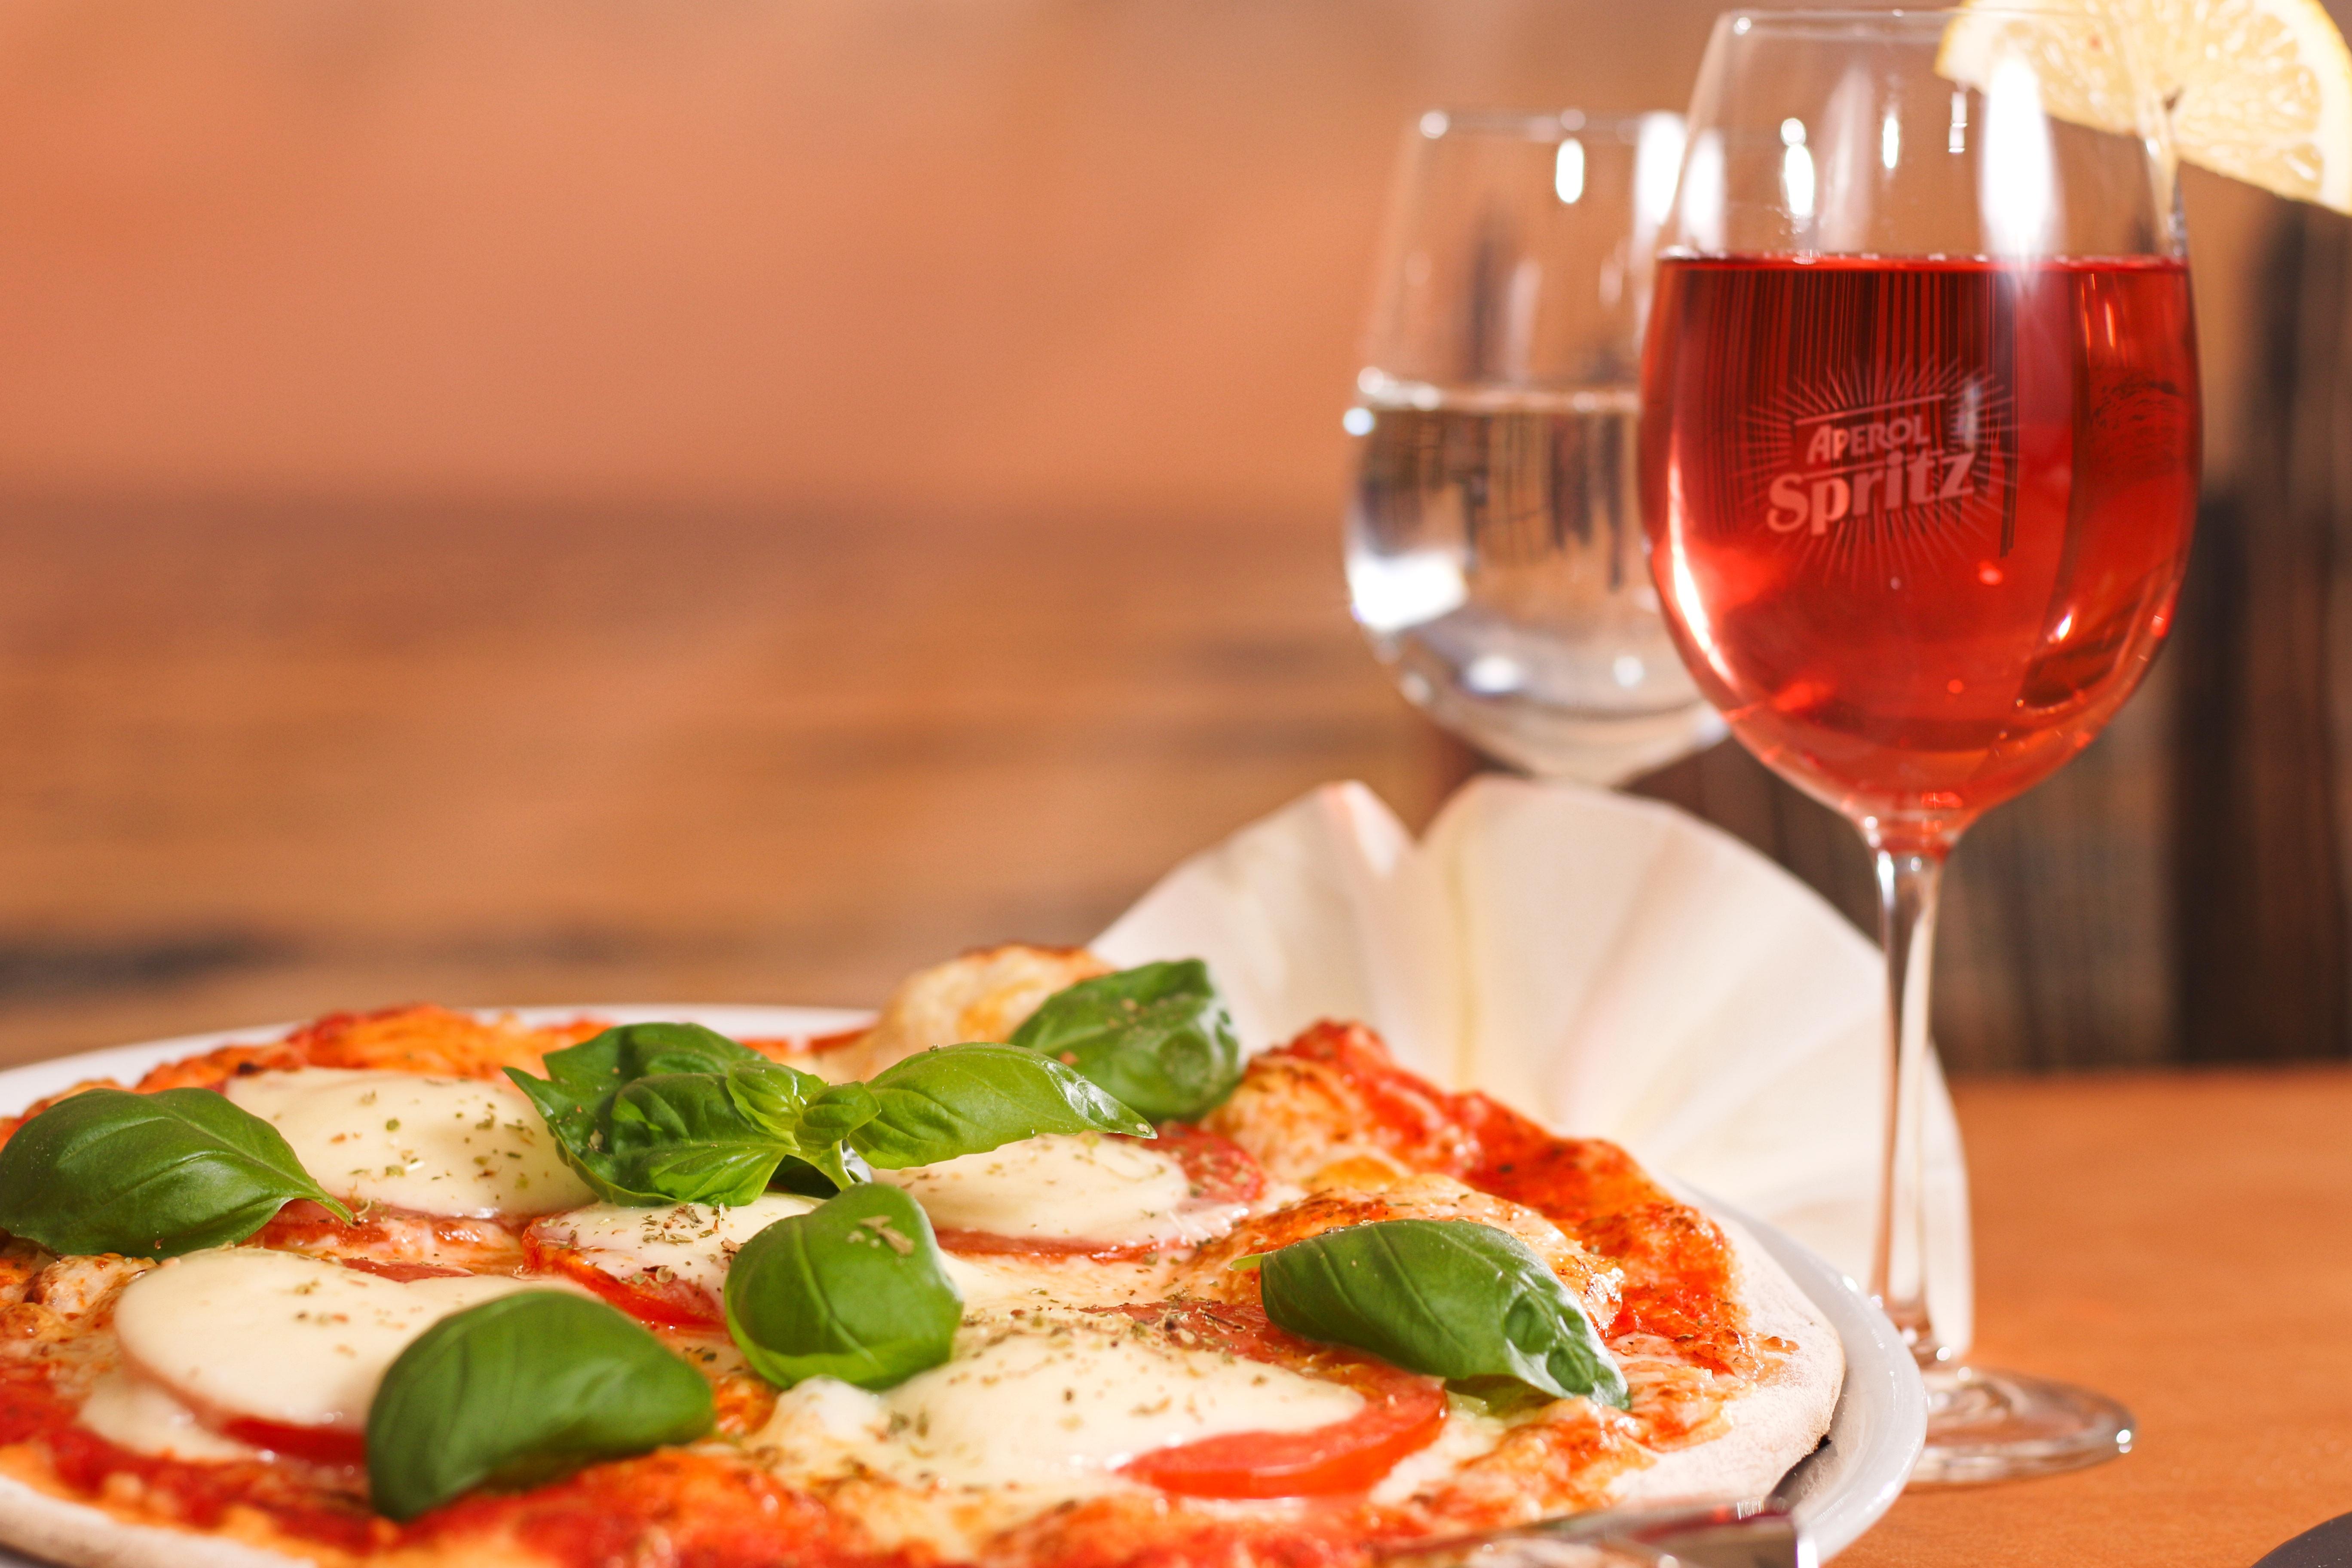 Fotos gratis : vaso, restaurante, plato, ensalada, especia, Produce ...